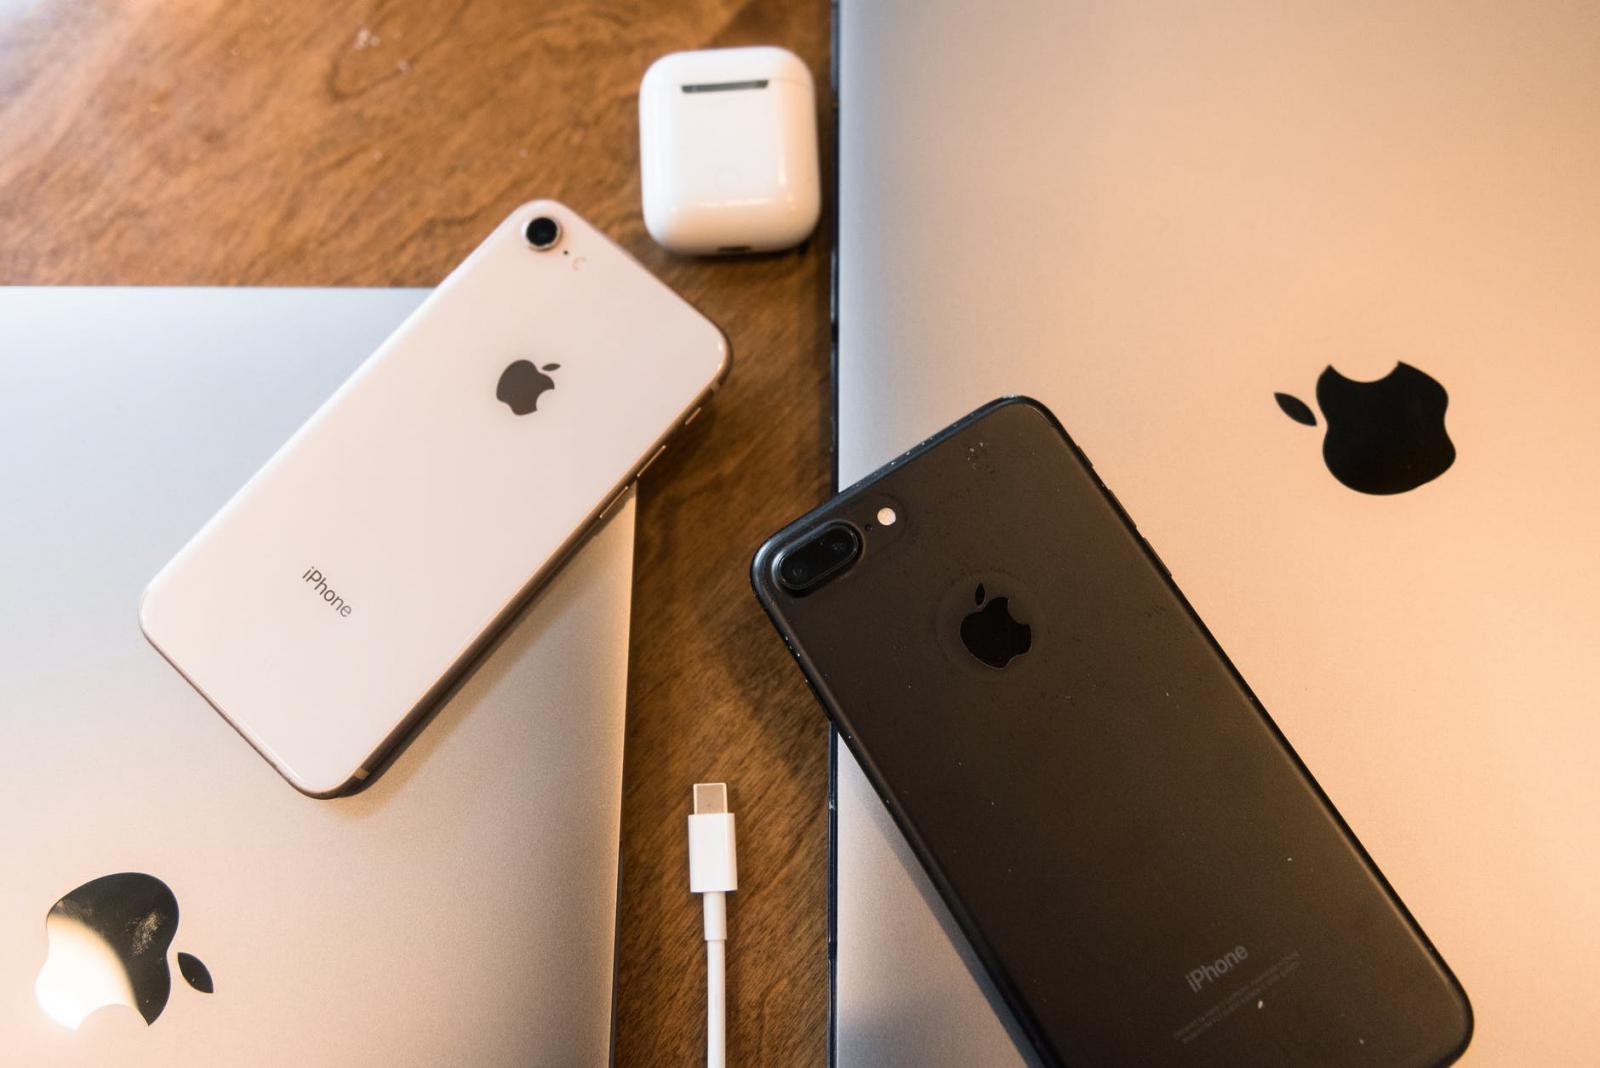 【快訊】iPhone 13倒數登場3個月!歐盟認證網站爆7款 iPhone 型號認證